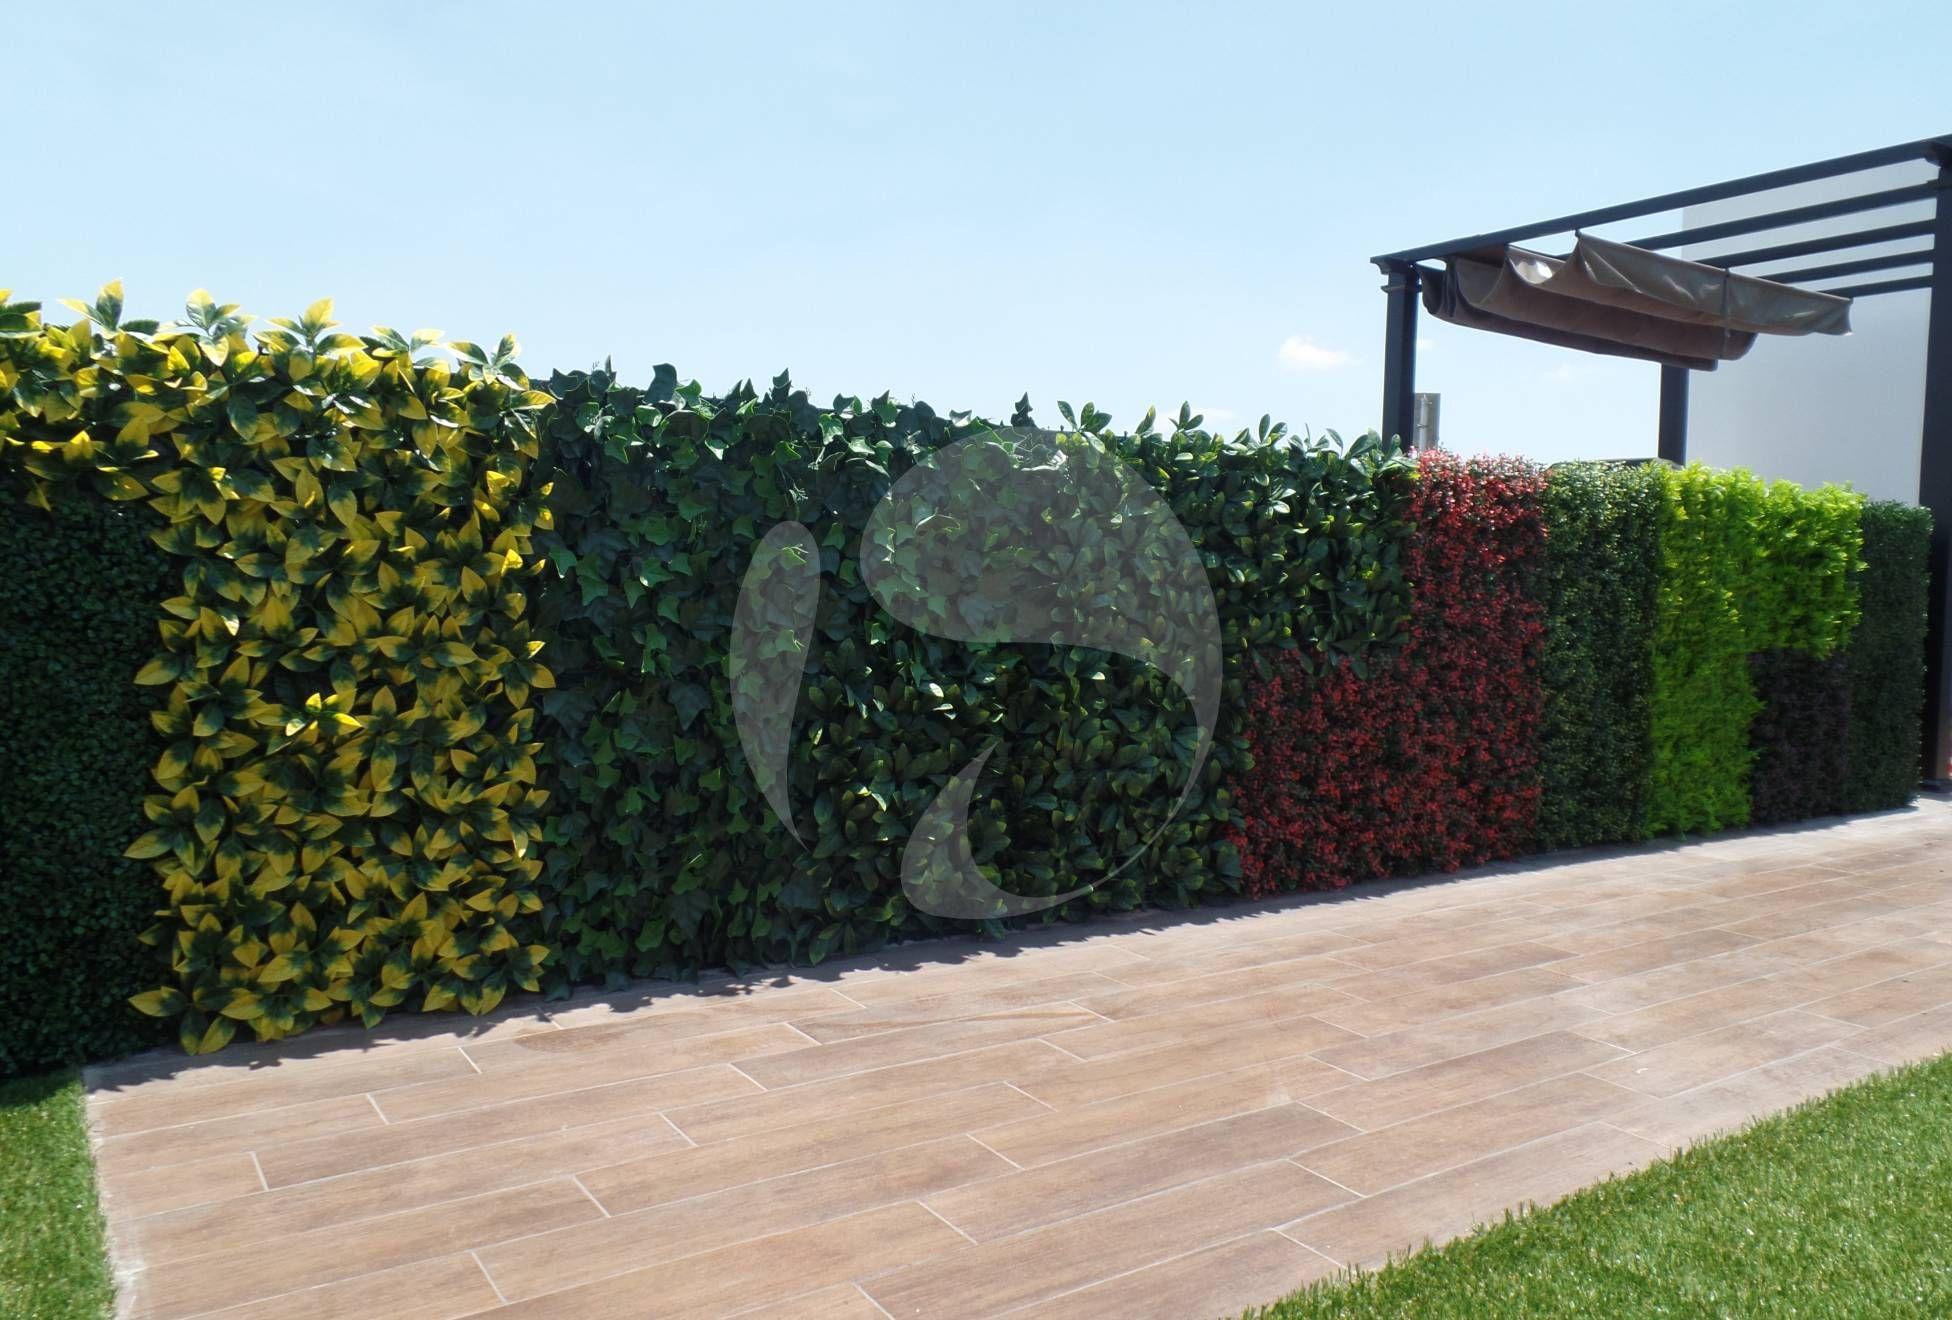 Muros verdes paredes techos azoteas follaje artificial for Jardines verdes